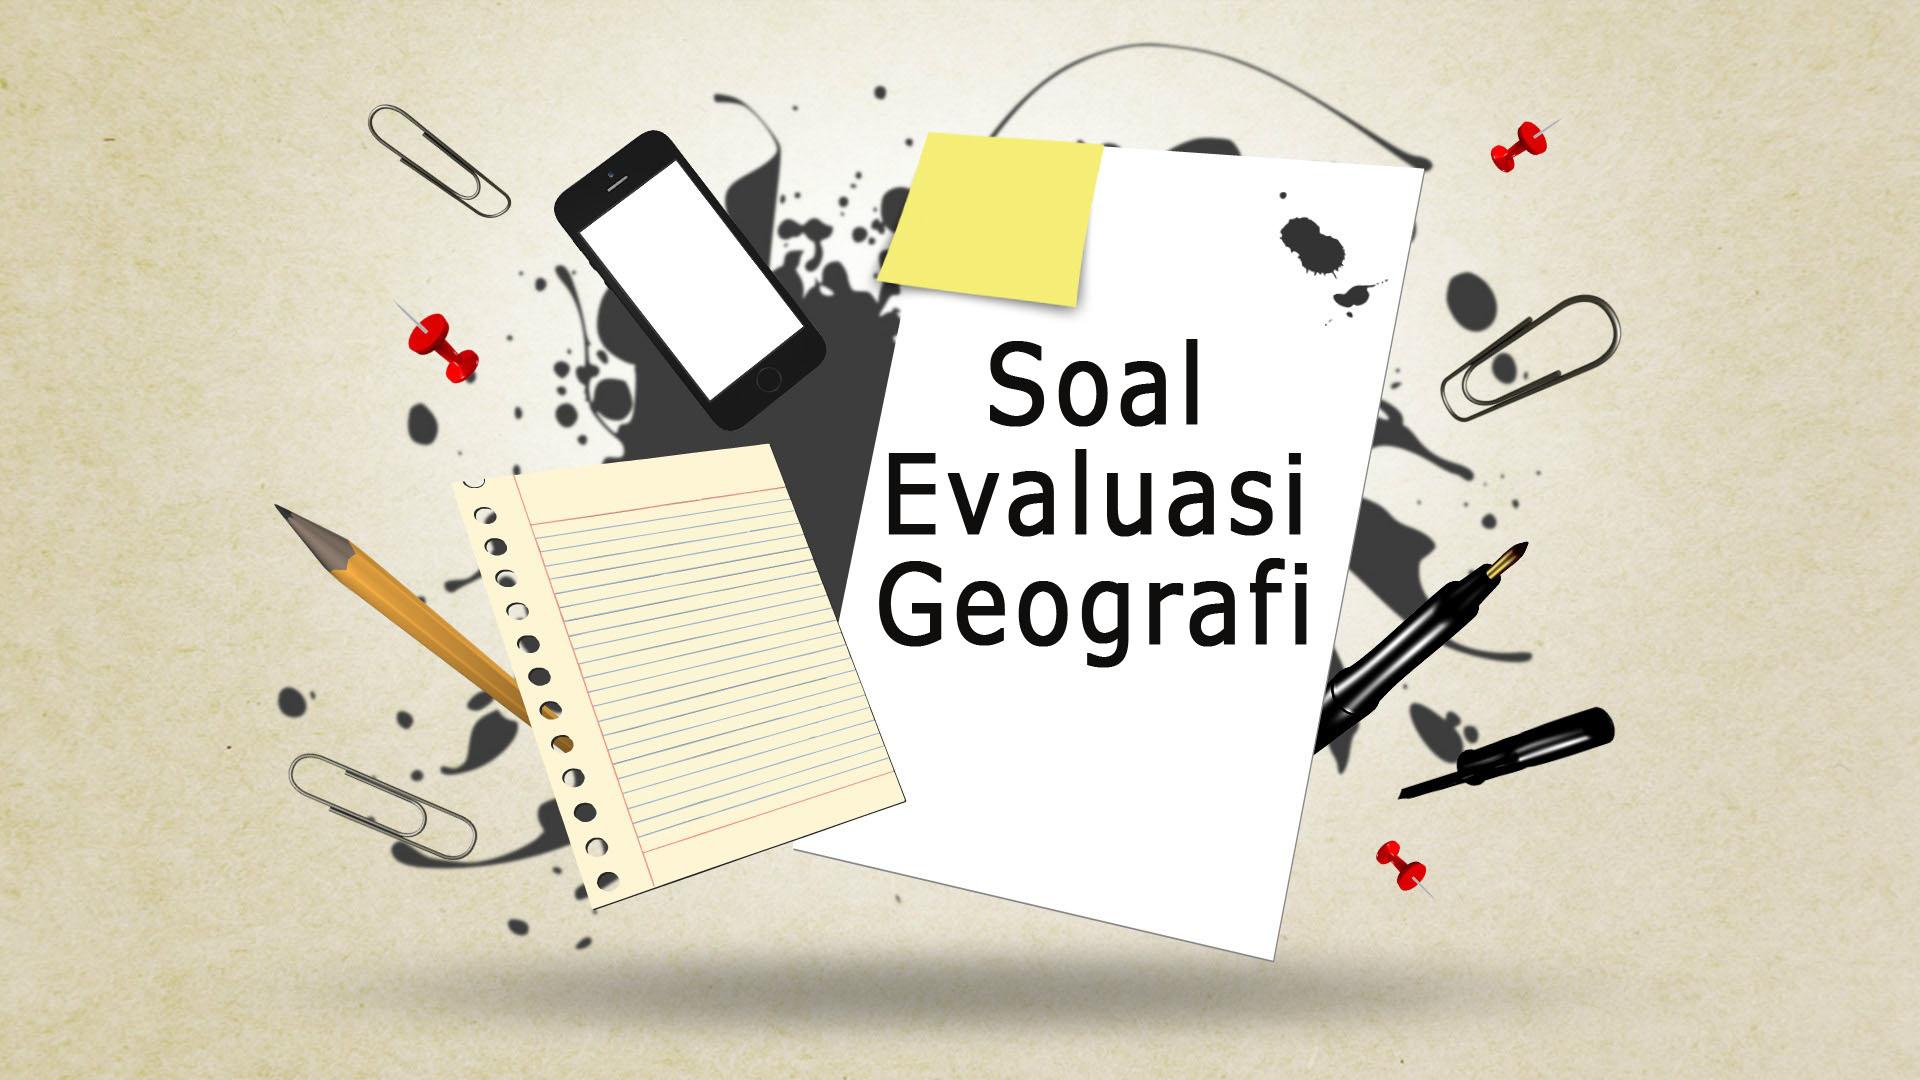 Soal Evaluasi Geografi SMA